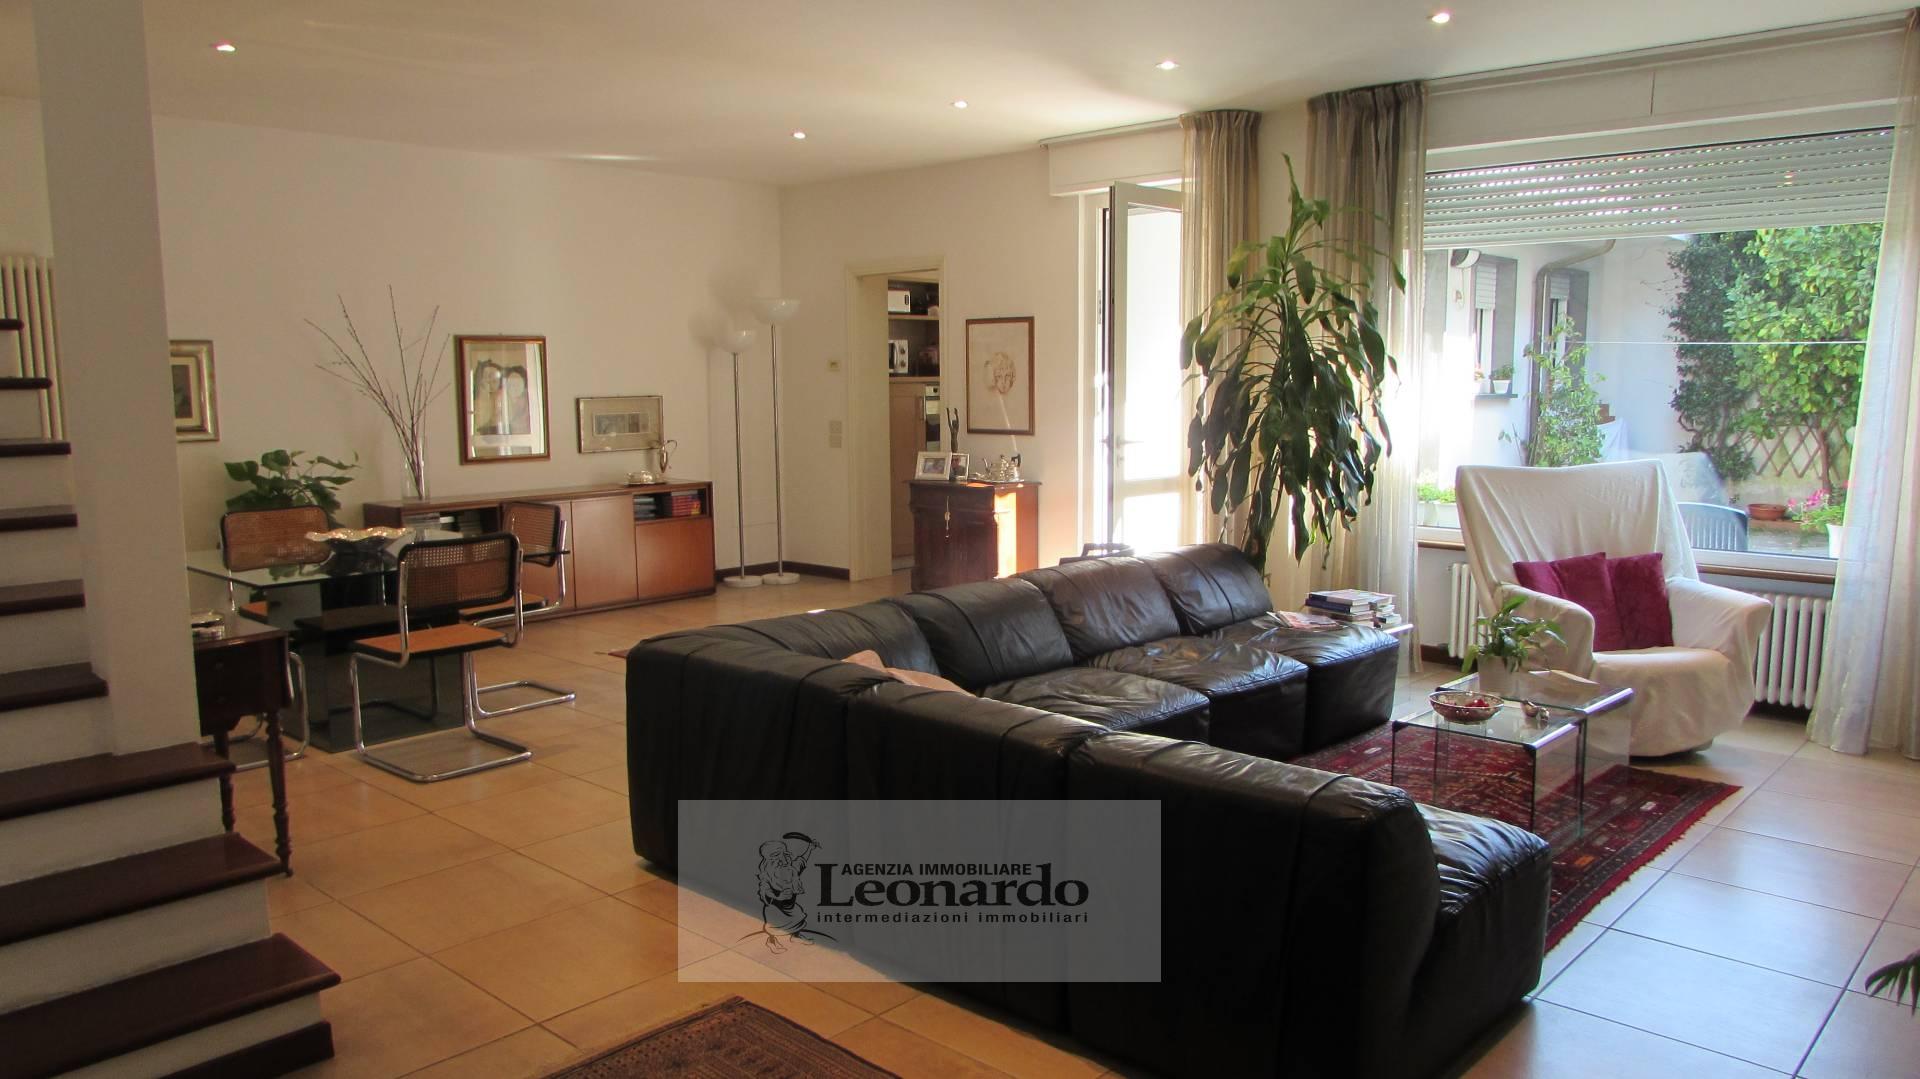 Soluzione Indipendente in vendita a Viareggio, 6 locali, zona Località: Darsena, prezzo € 460.000   Cambio Casa.it